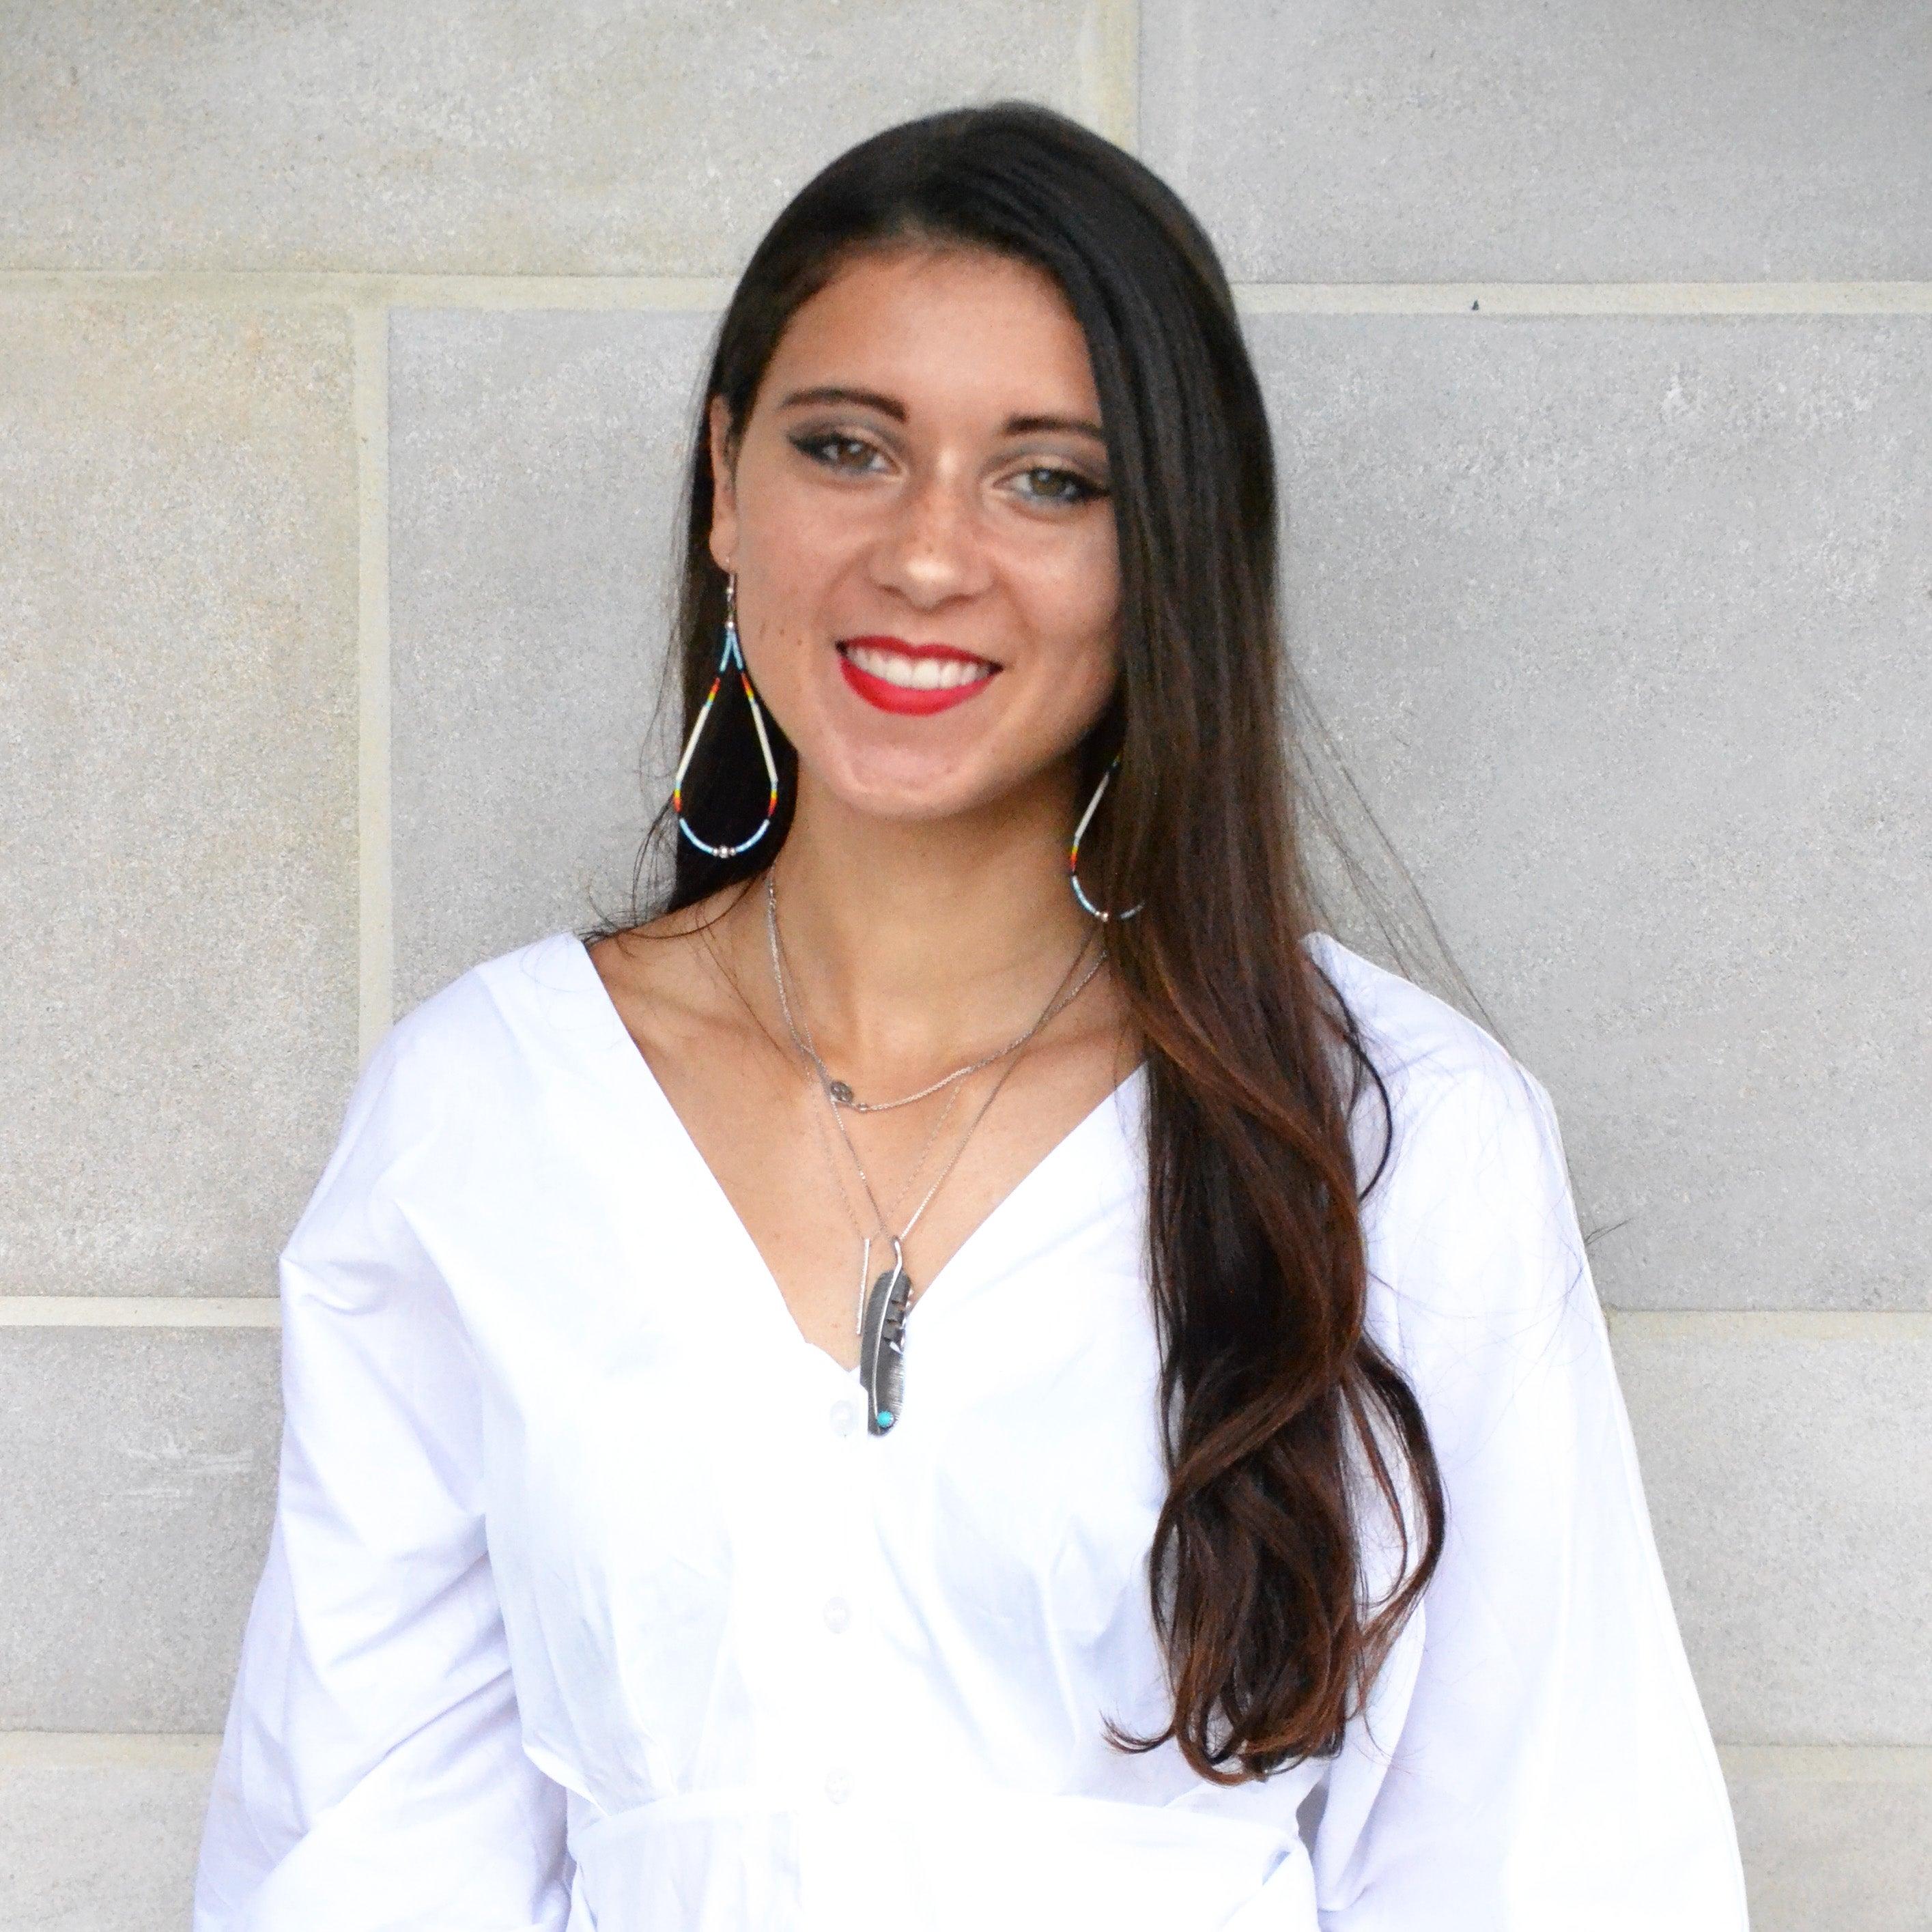 Aminah Ghaffar